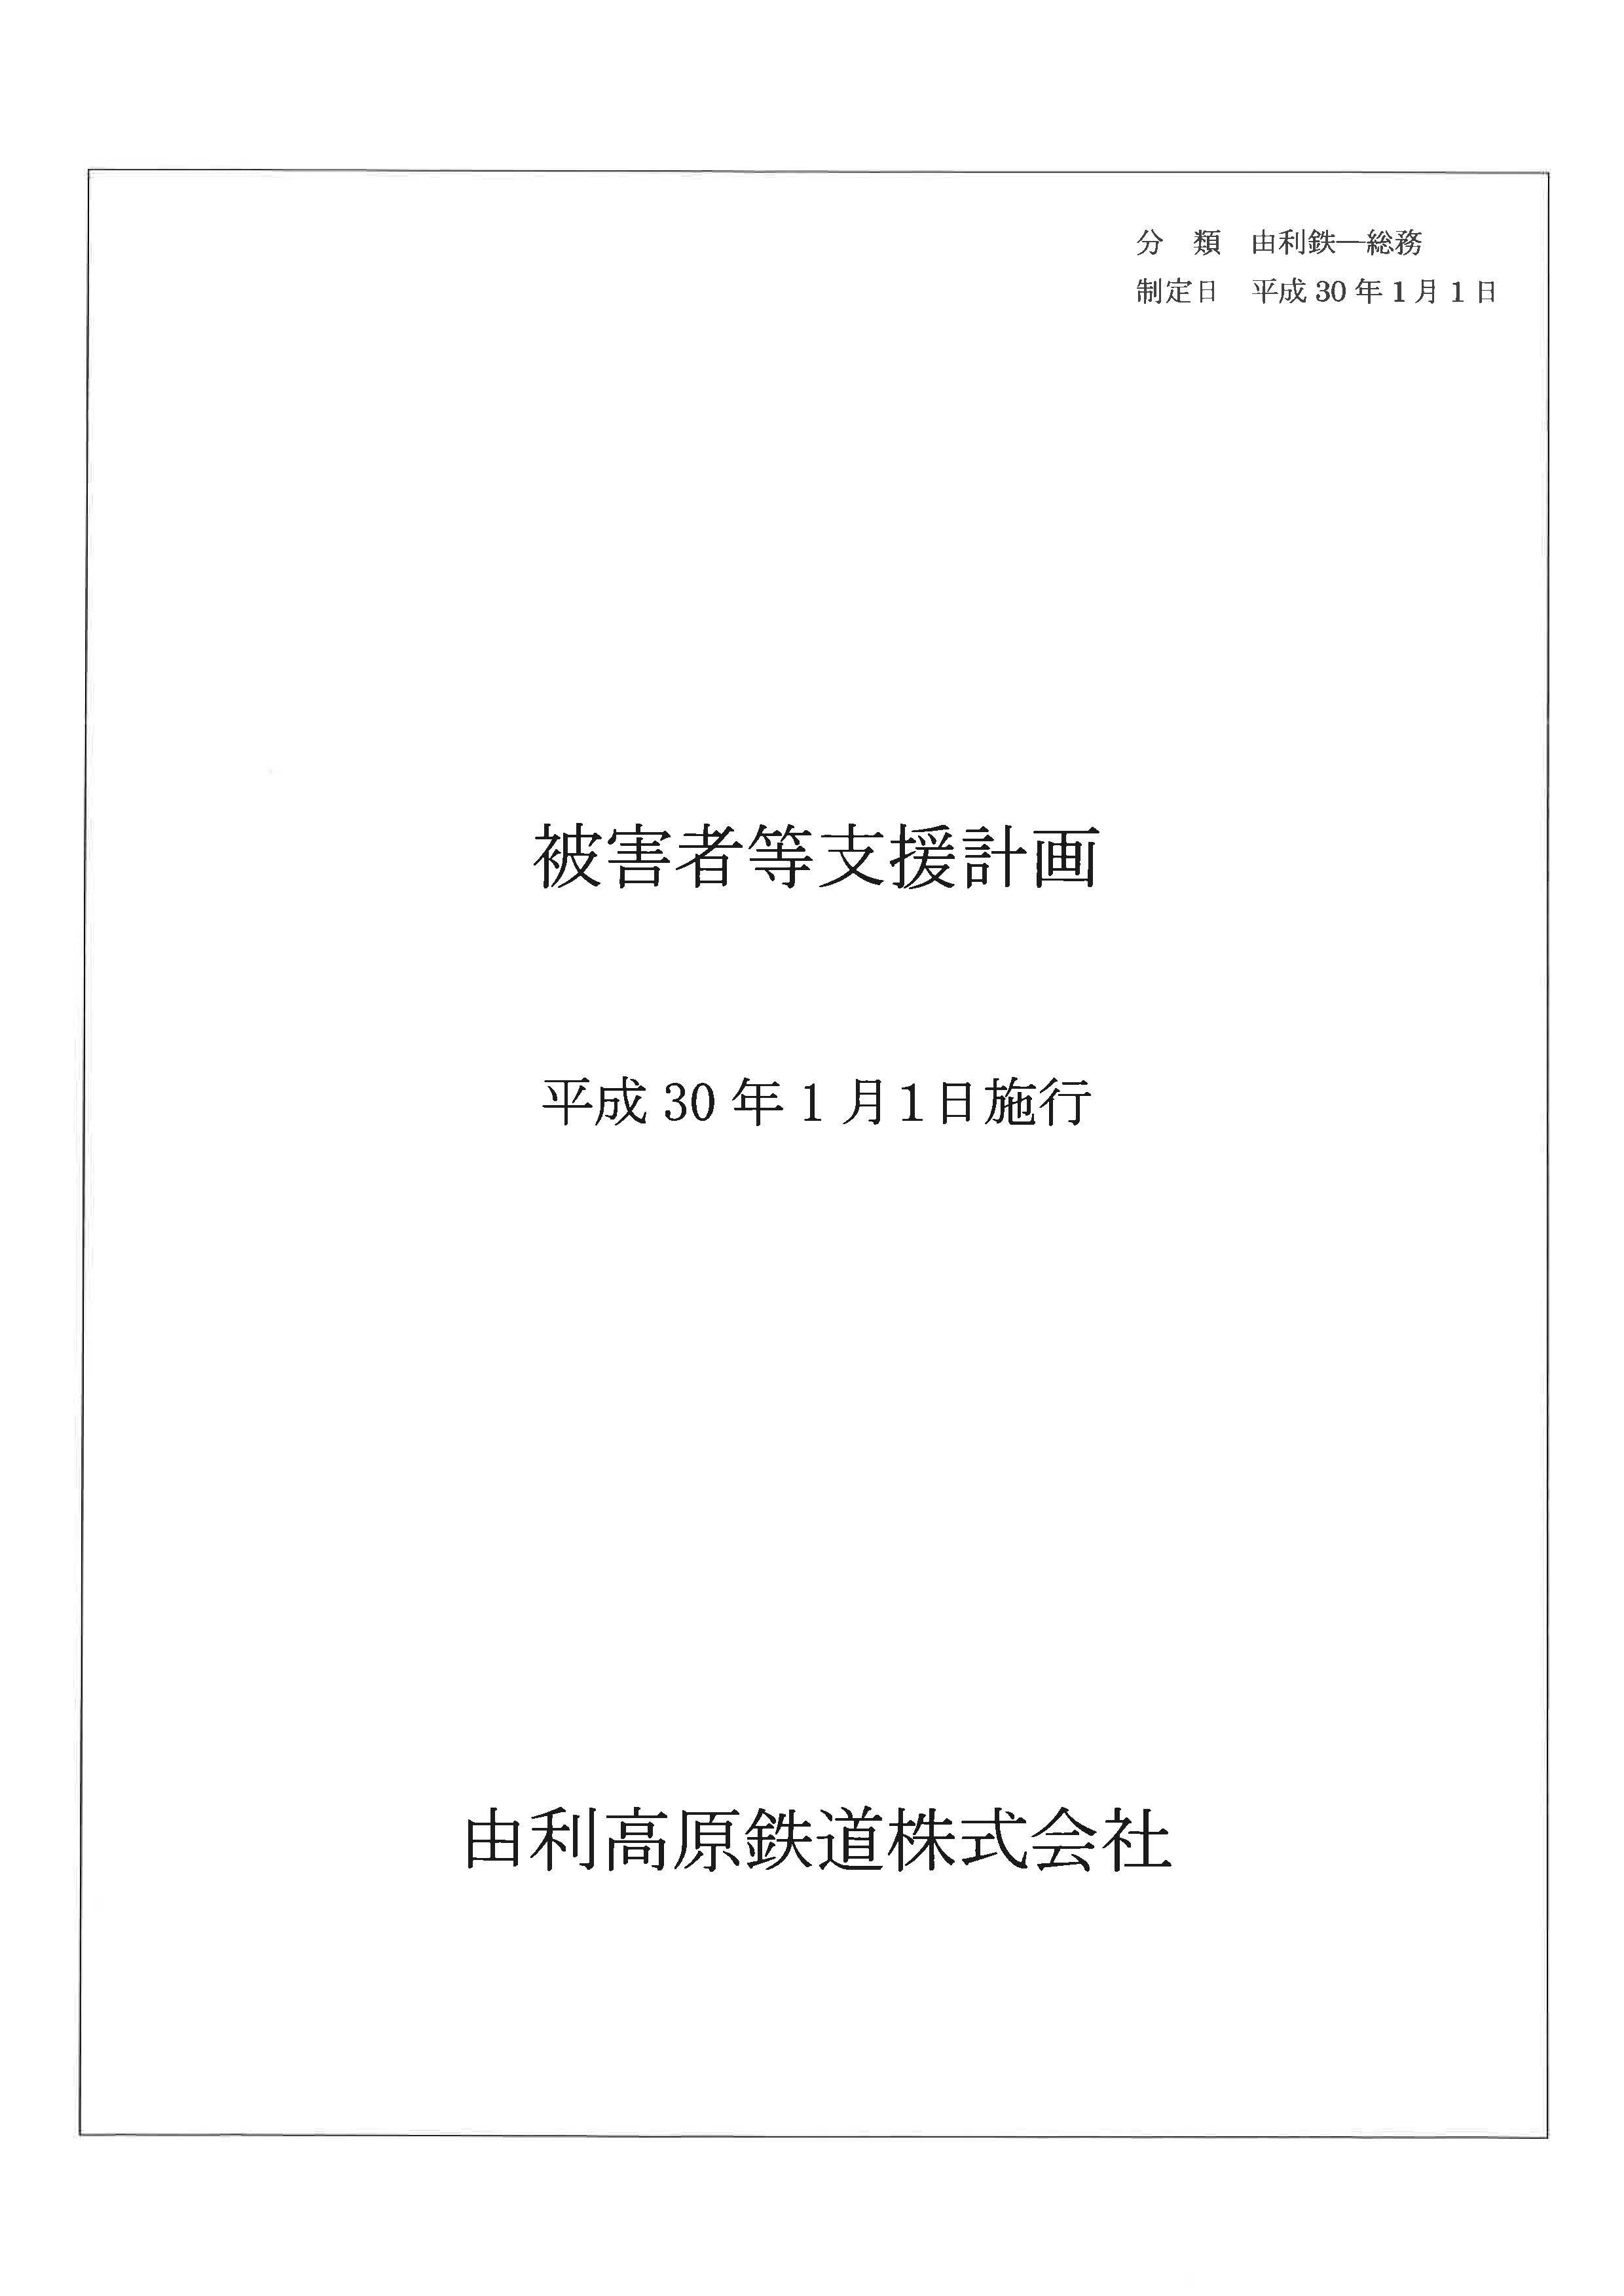 被害者等支援計画_ページ_1